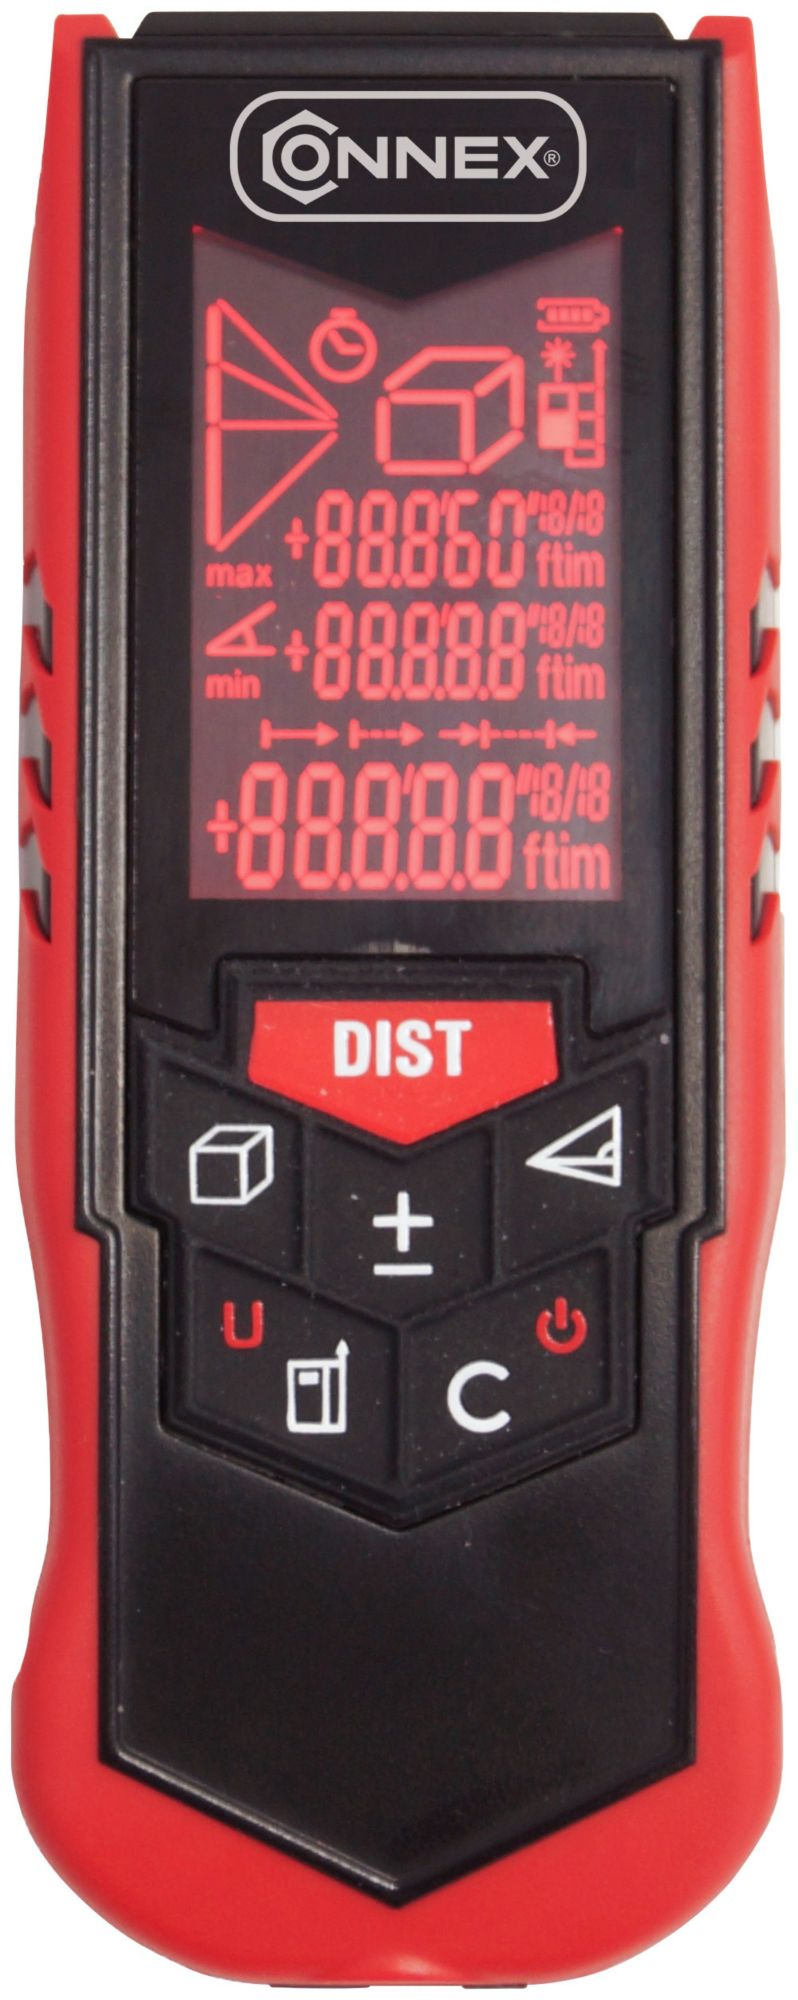 CONNEX Connex Laserentfernungsmesser »COXB364001«